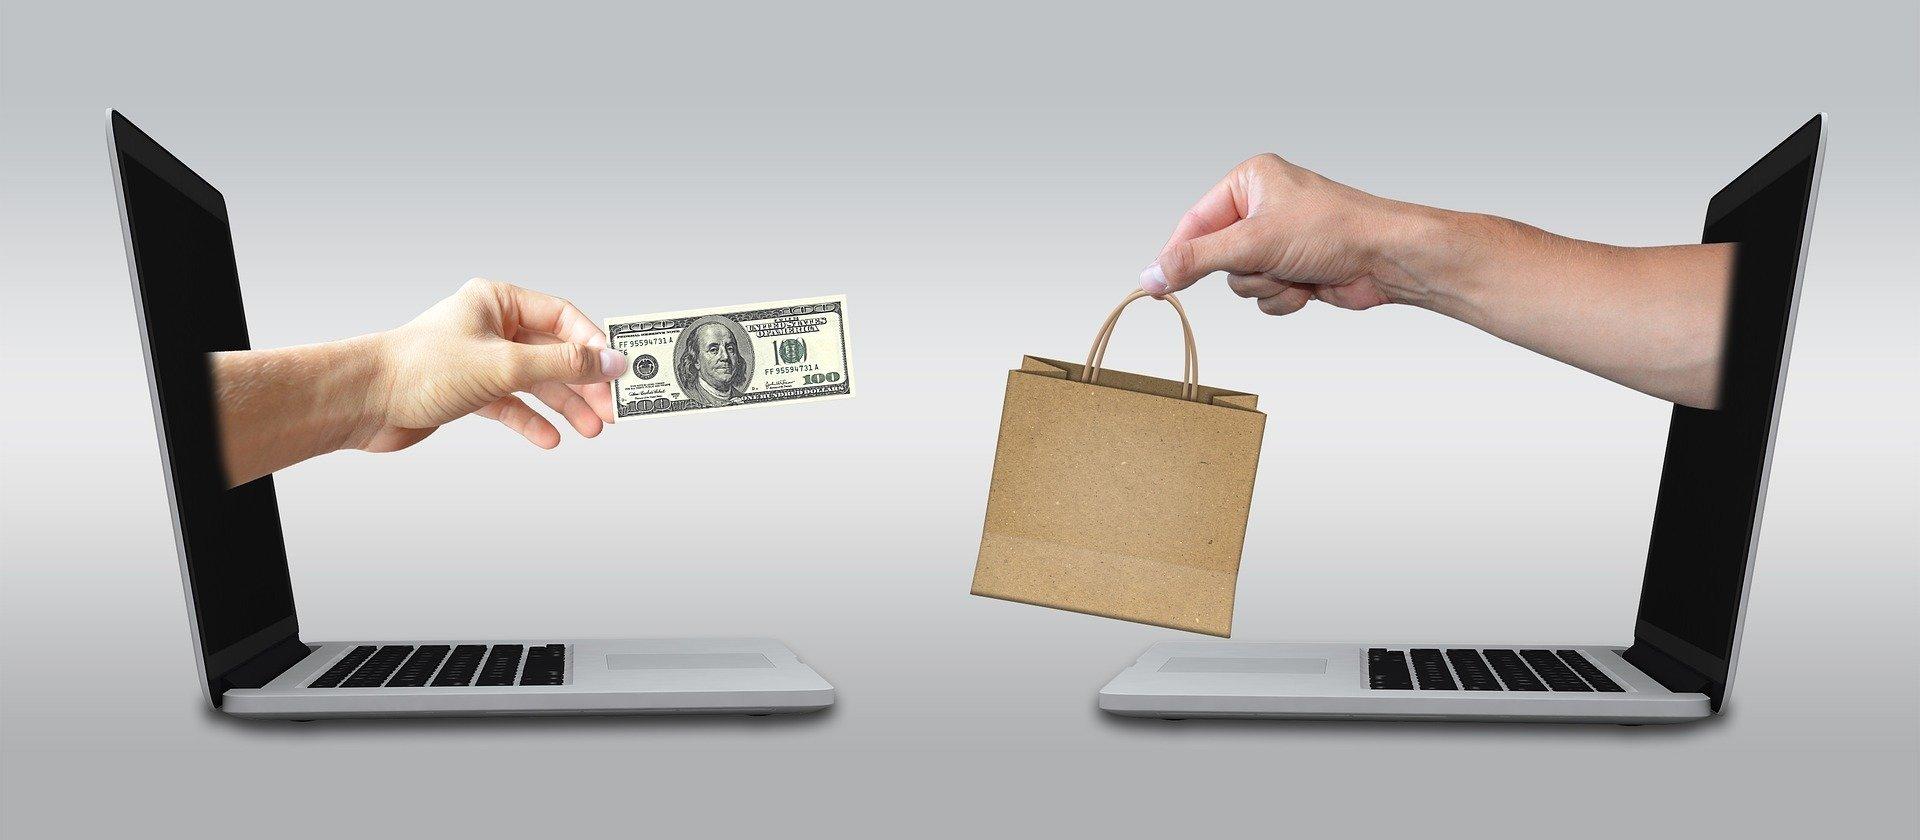 Split Payment - Mechanizm Podzielonej Płatności